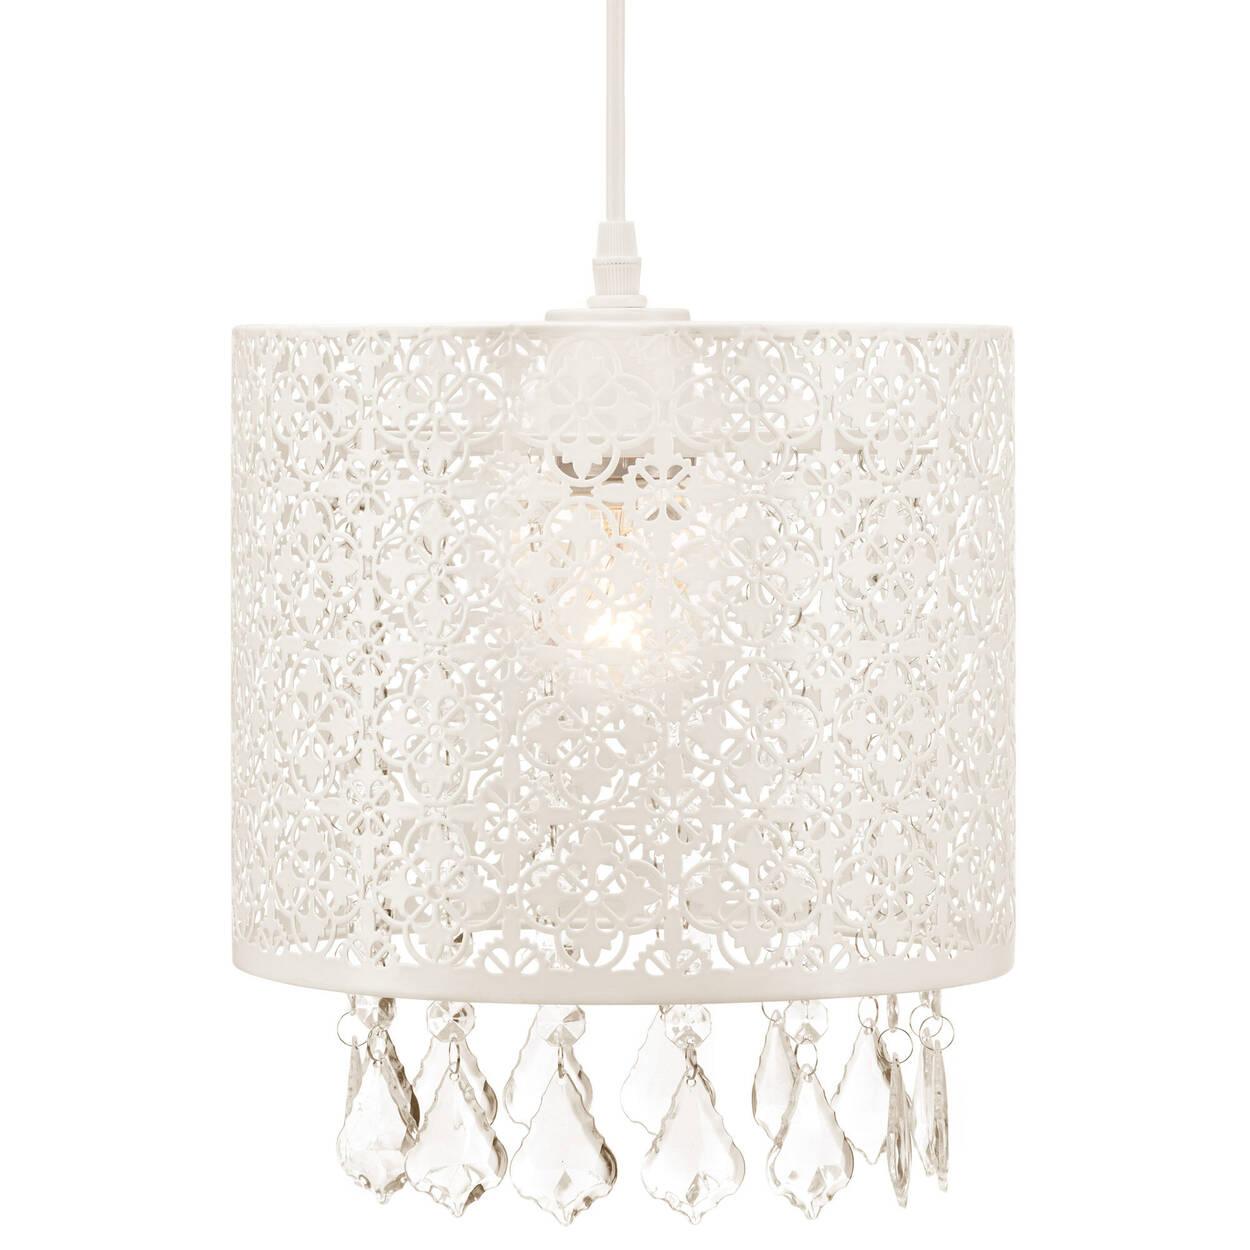 Lampe suspendue en métal ajouré avec gouttelettes